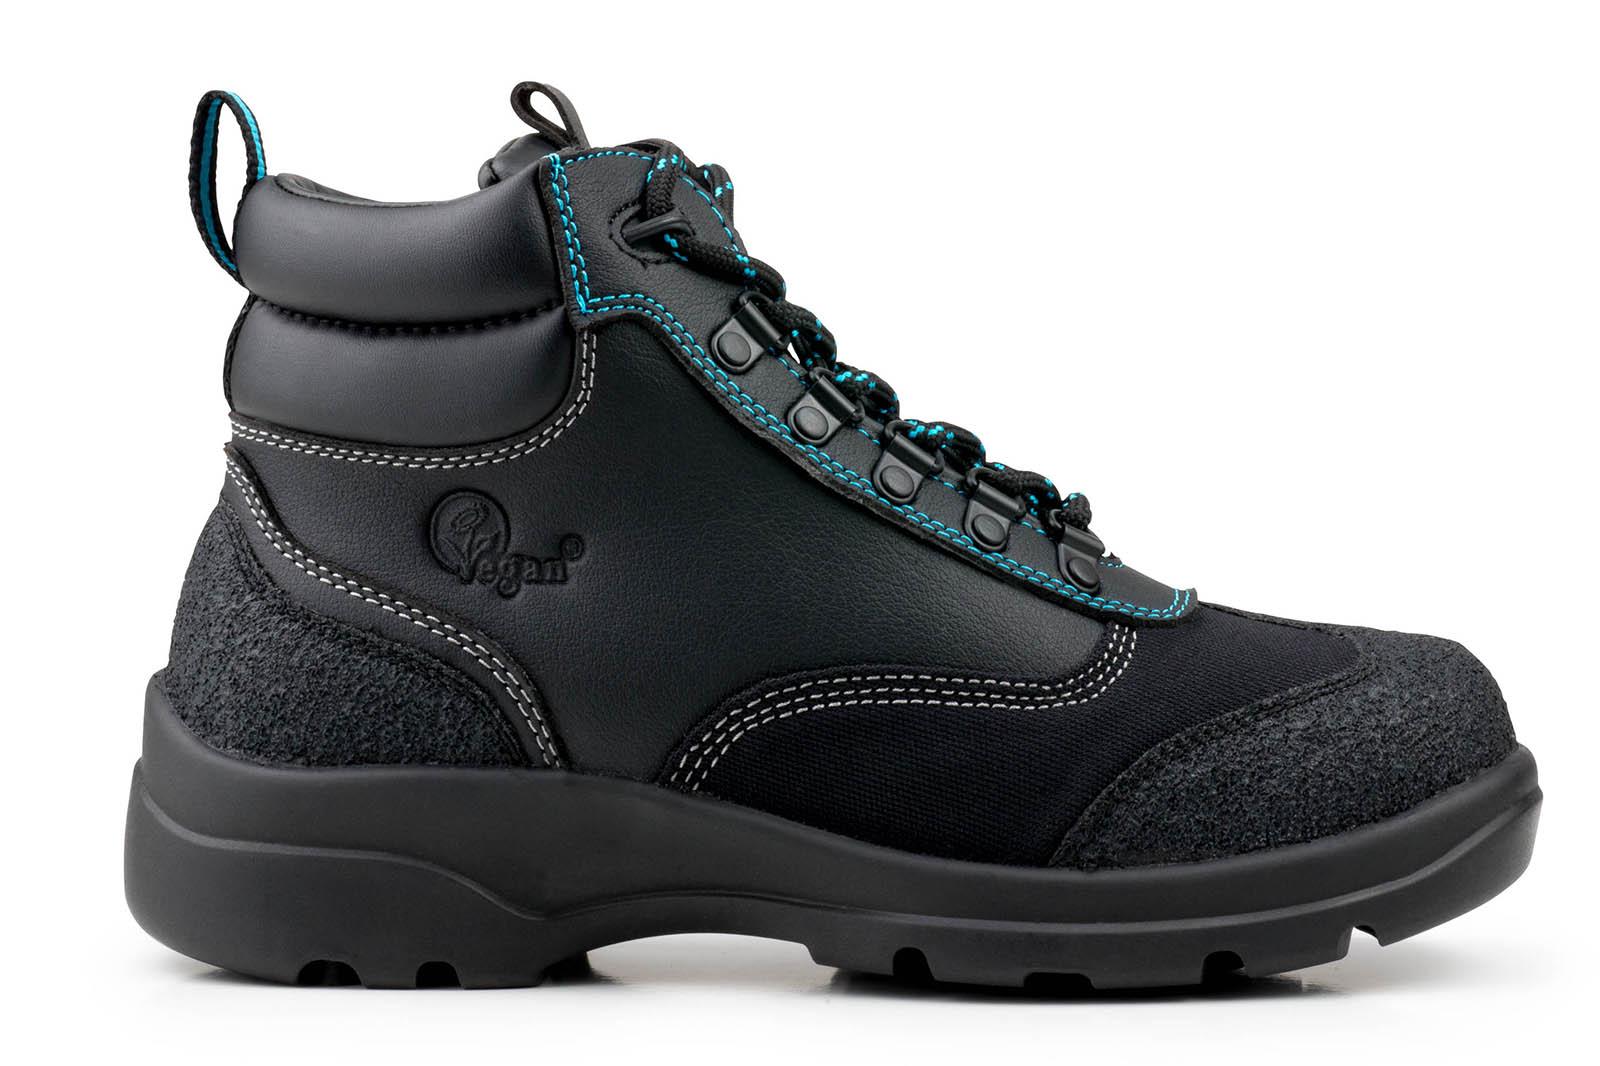 Vegane Wanderschuhe – die 5 besten Schuhe ohne Leder 30833ef09c